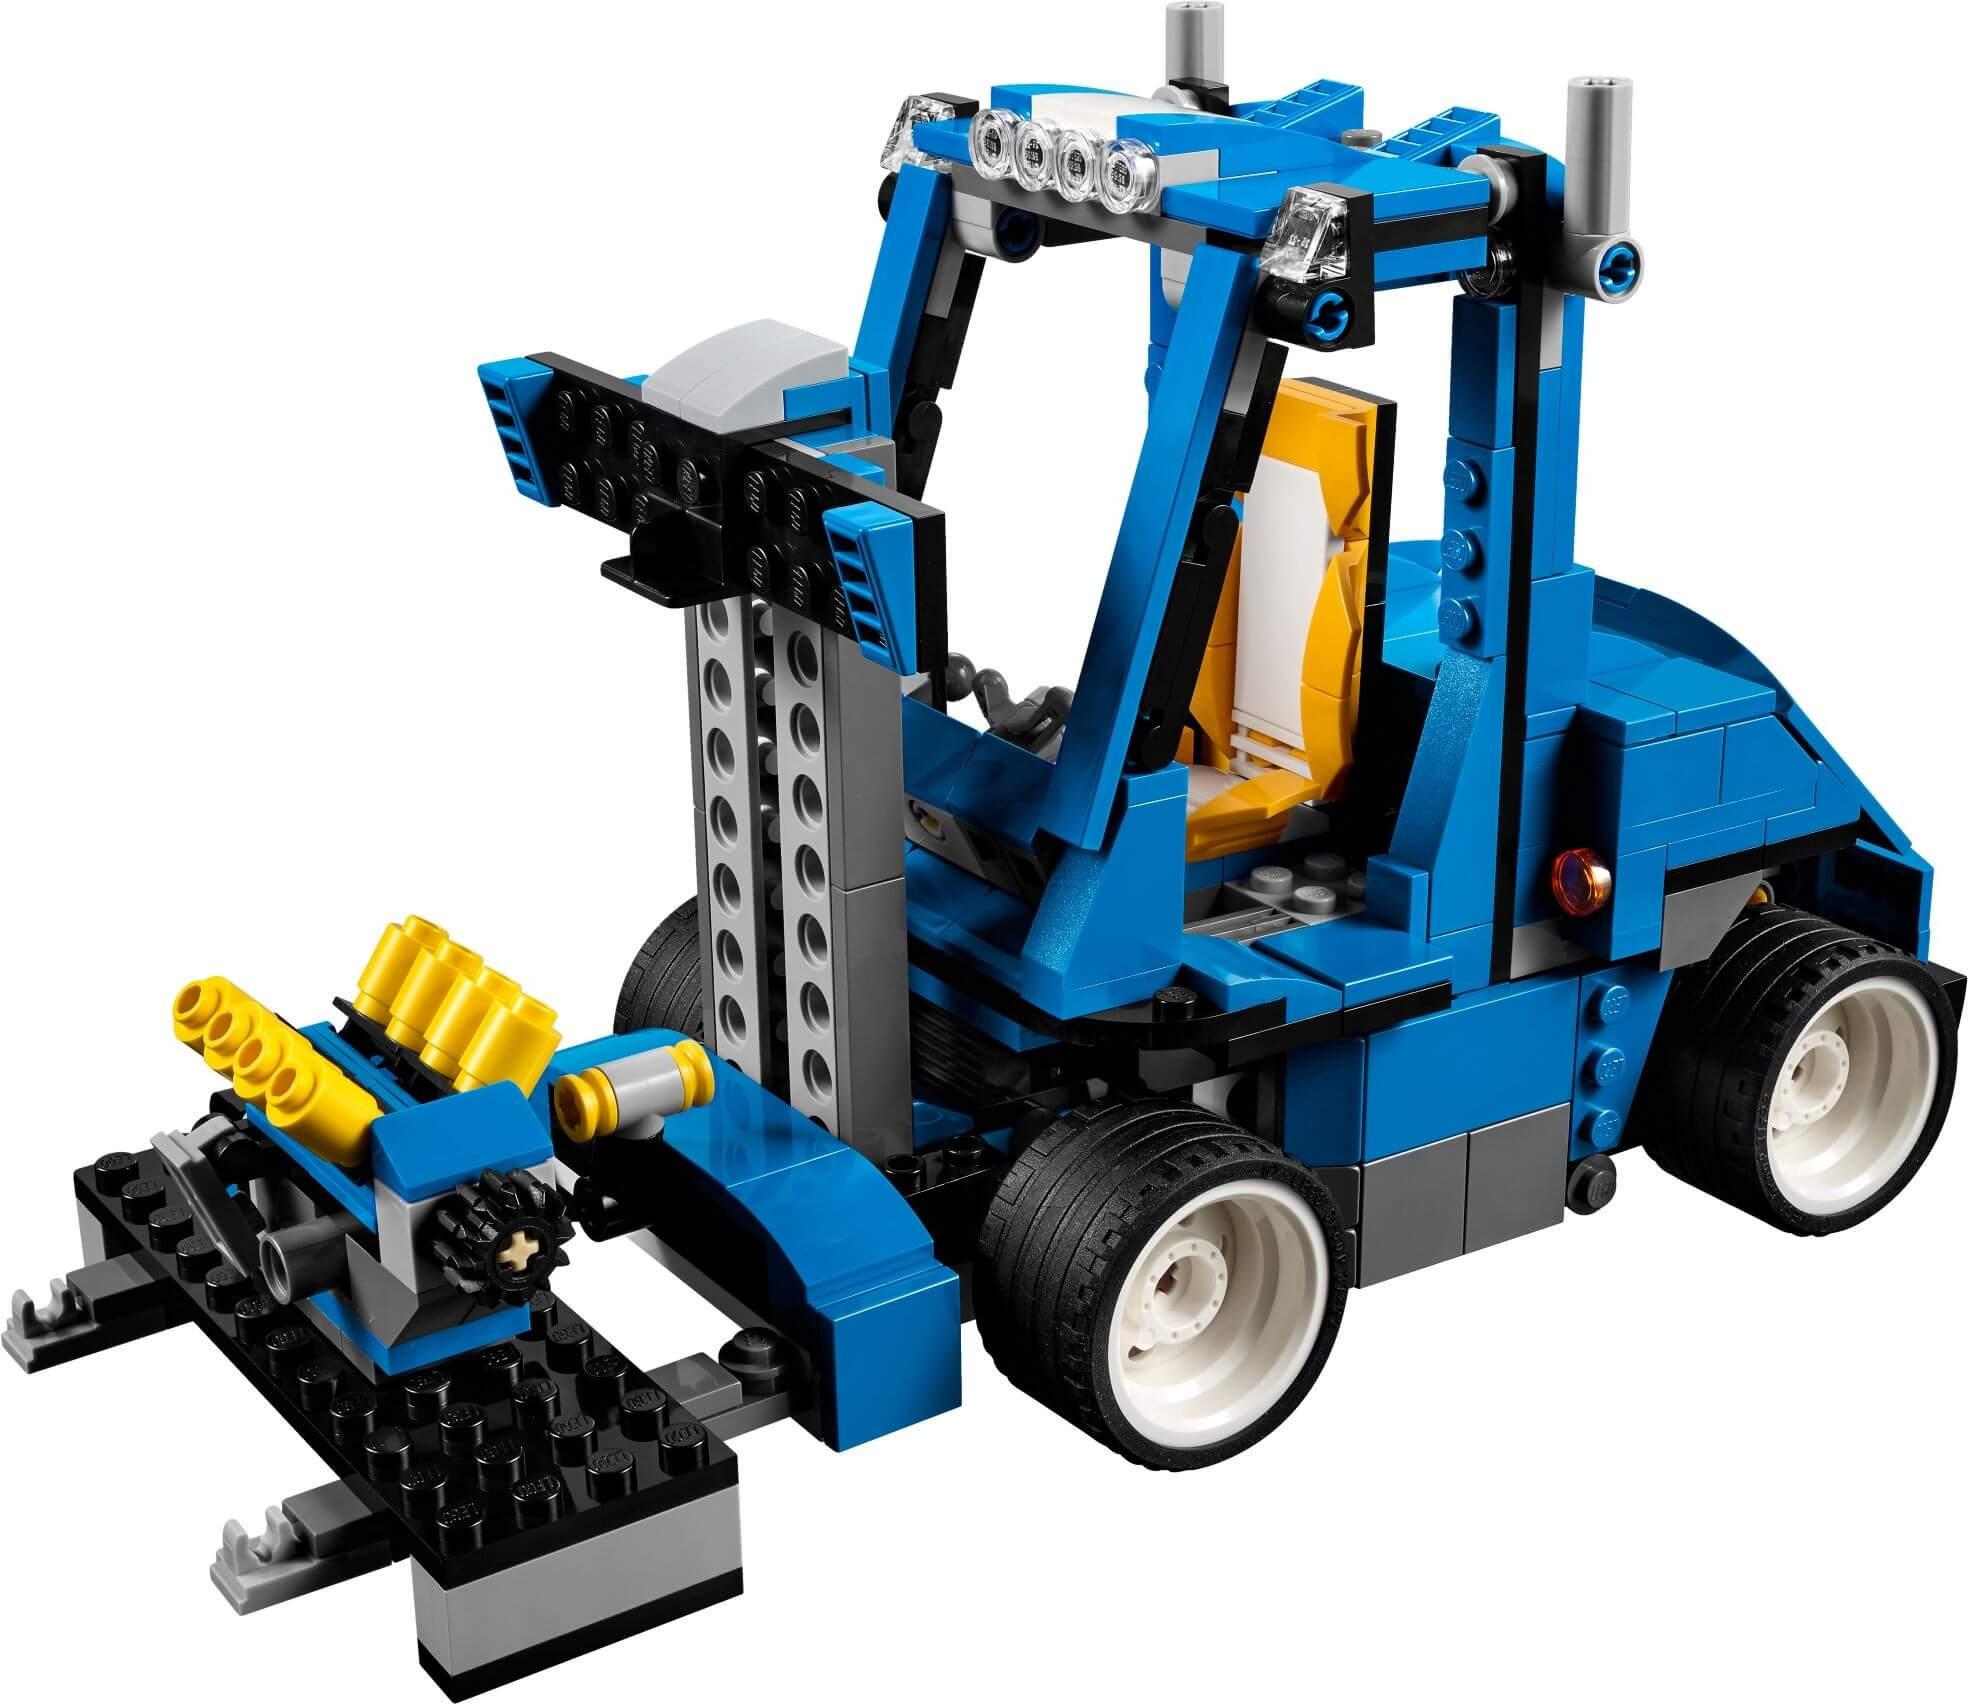 Mua đồ chơi LEGO 31070 - LEGO Creator 31070 - Mô hình Xe Đua - Xe Nâng - Xe Đua F1 3-trong-1 (LEGO Creator Turbo Track Racer)